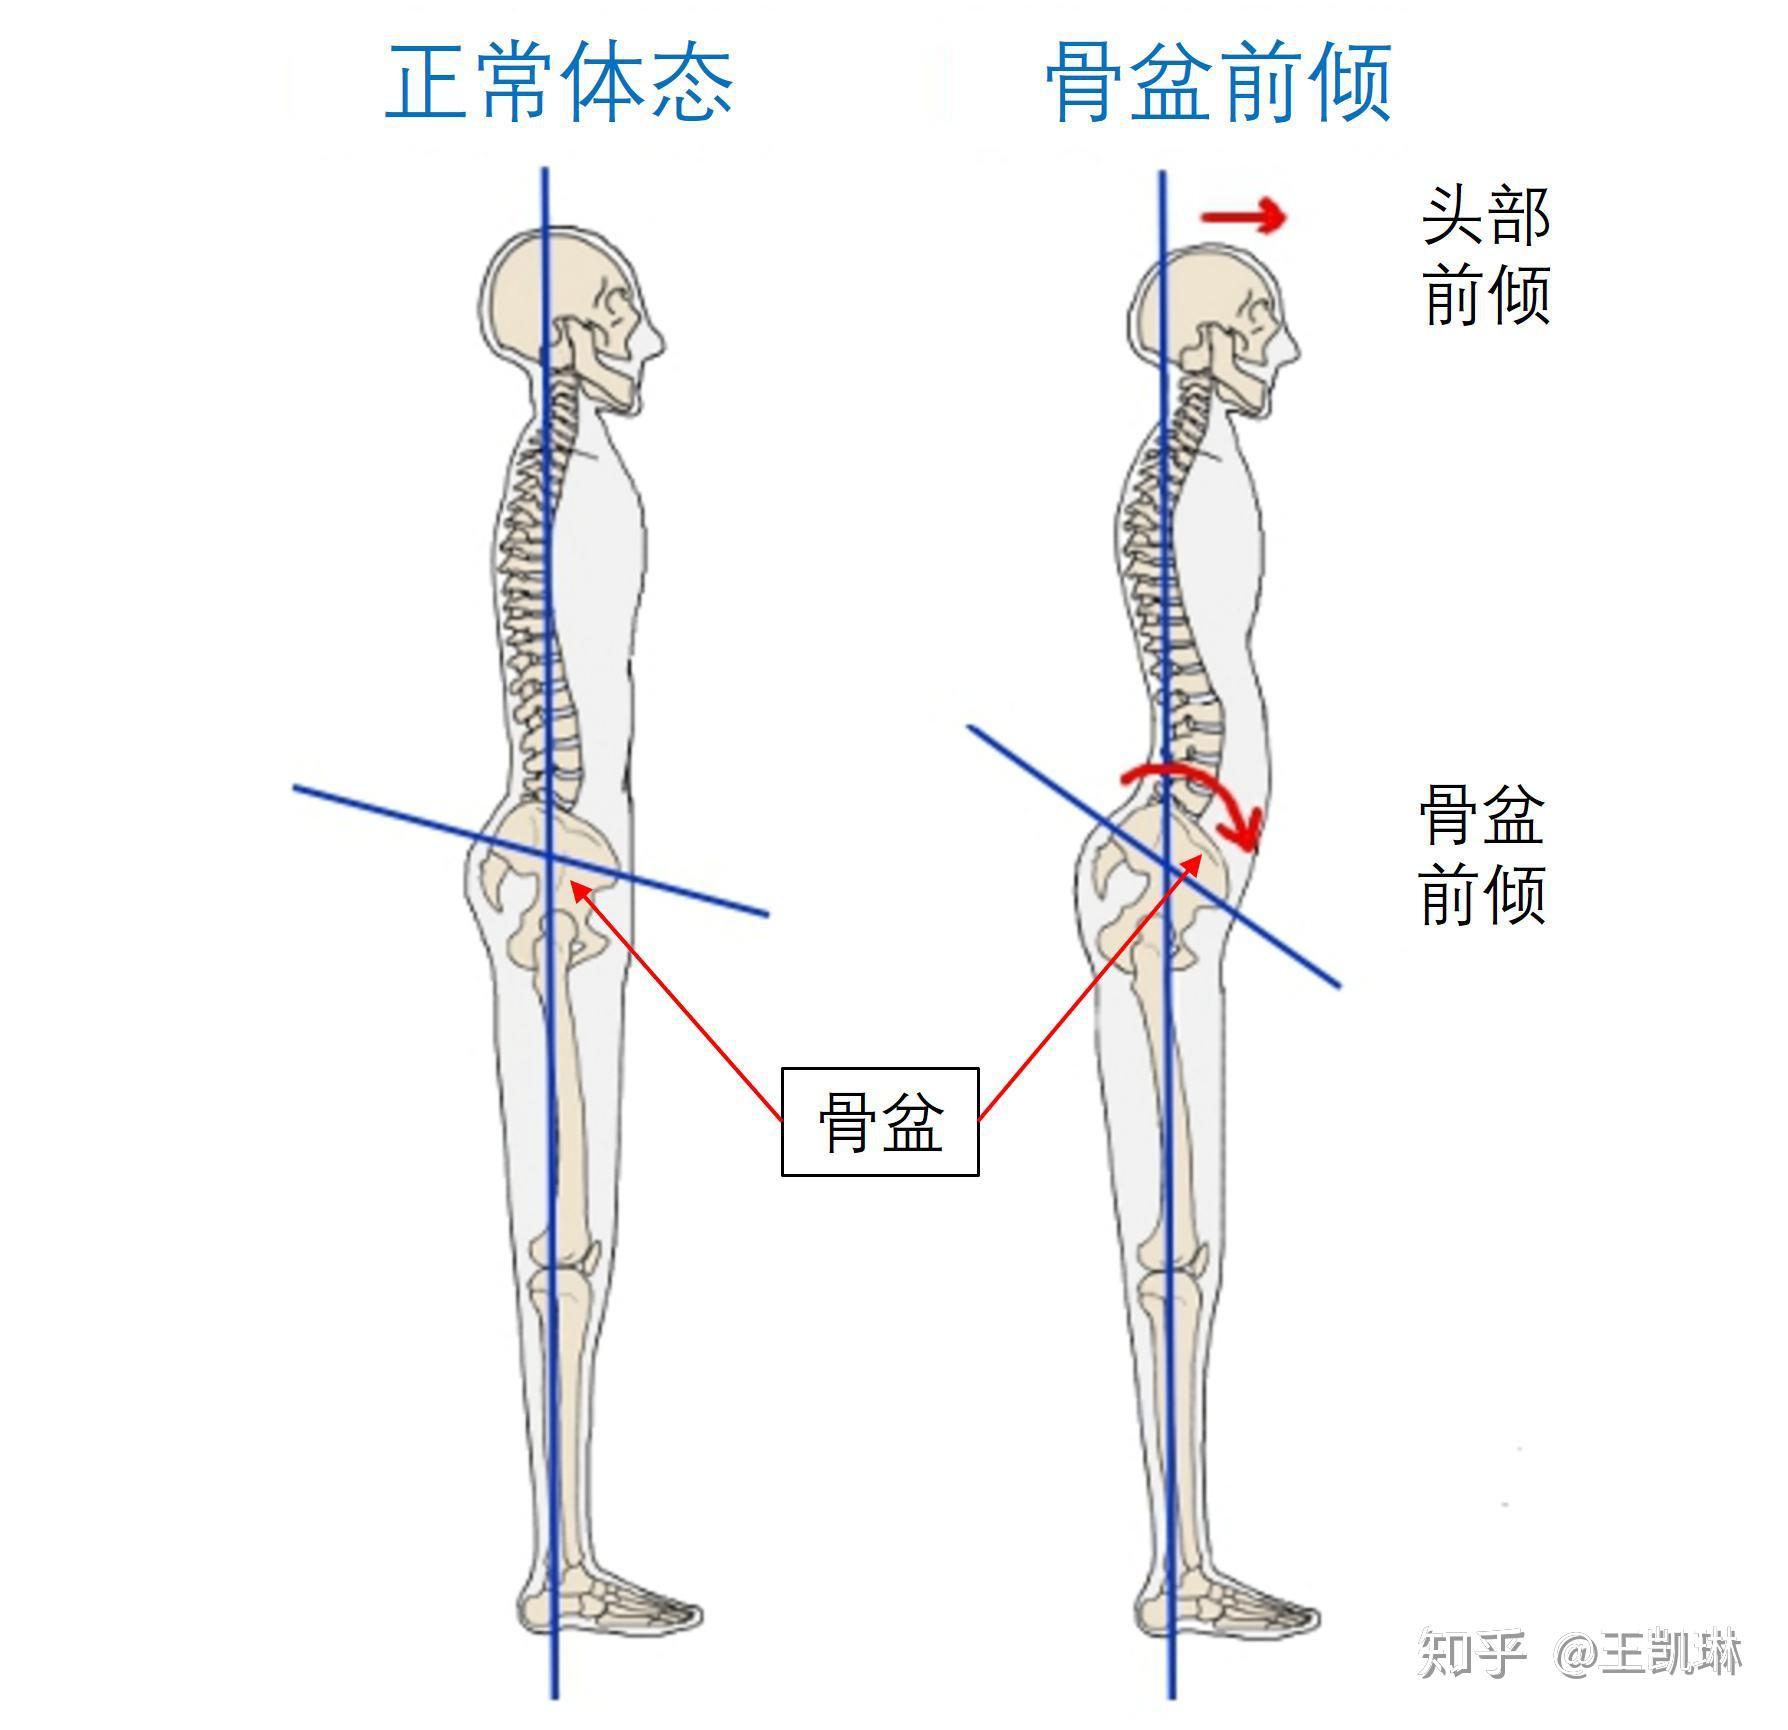 正常女生腿型_如何让腿变直? - 知乎